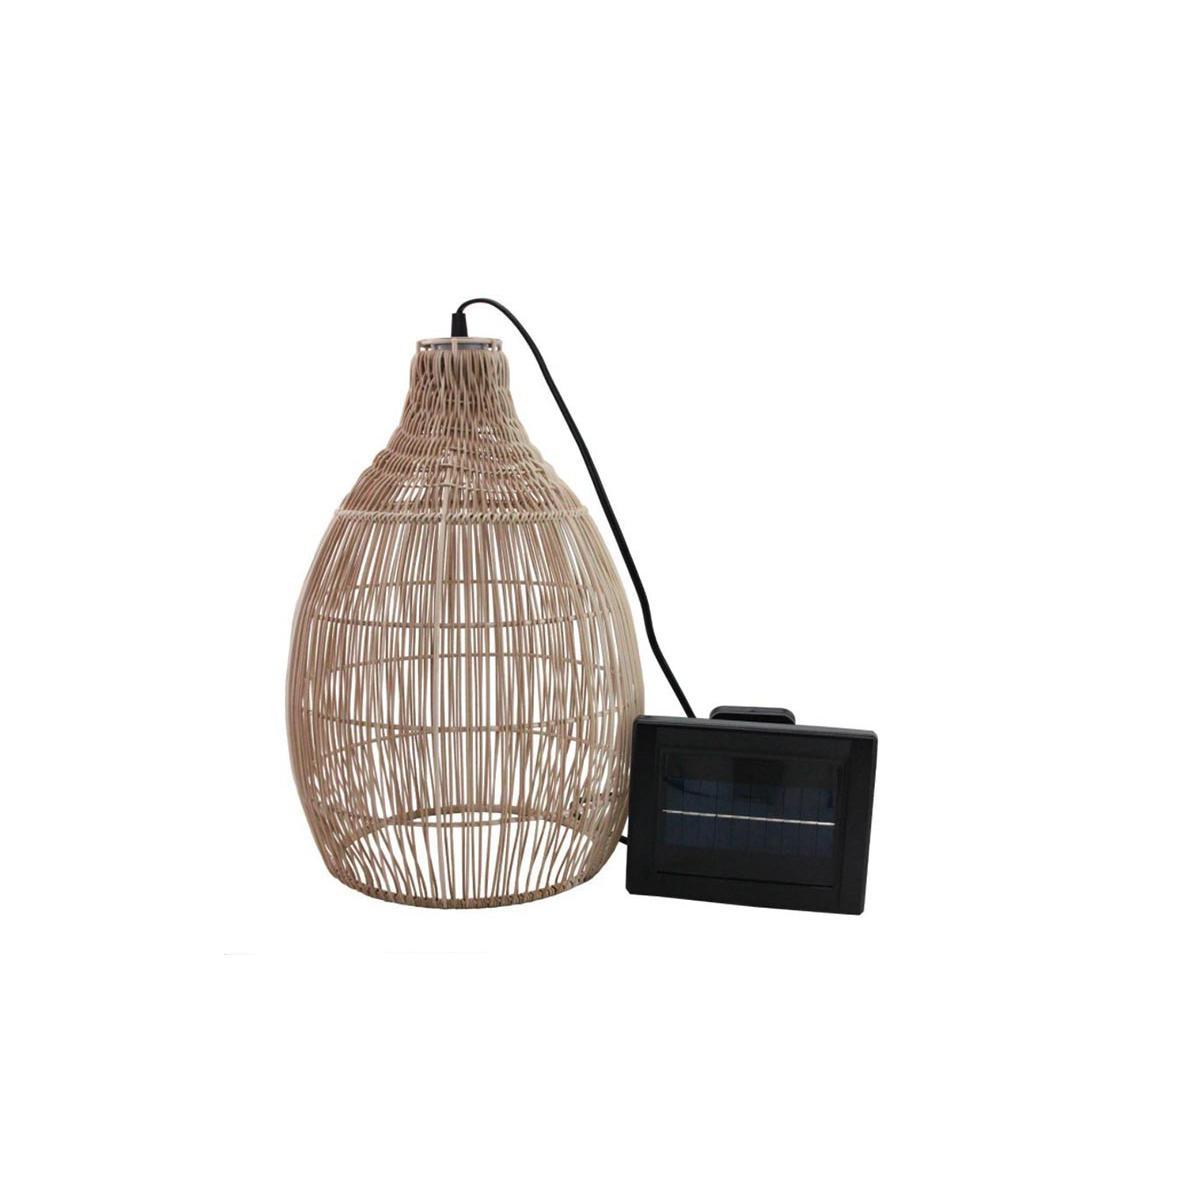 Lumisky Suspension solaire bohème naturel style vannerie tressée LED blanc chaud HOLIDAY H 42 cm